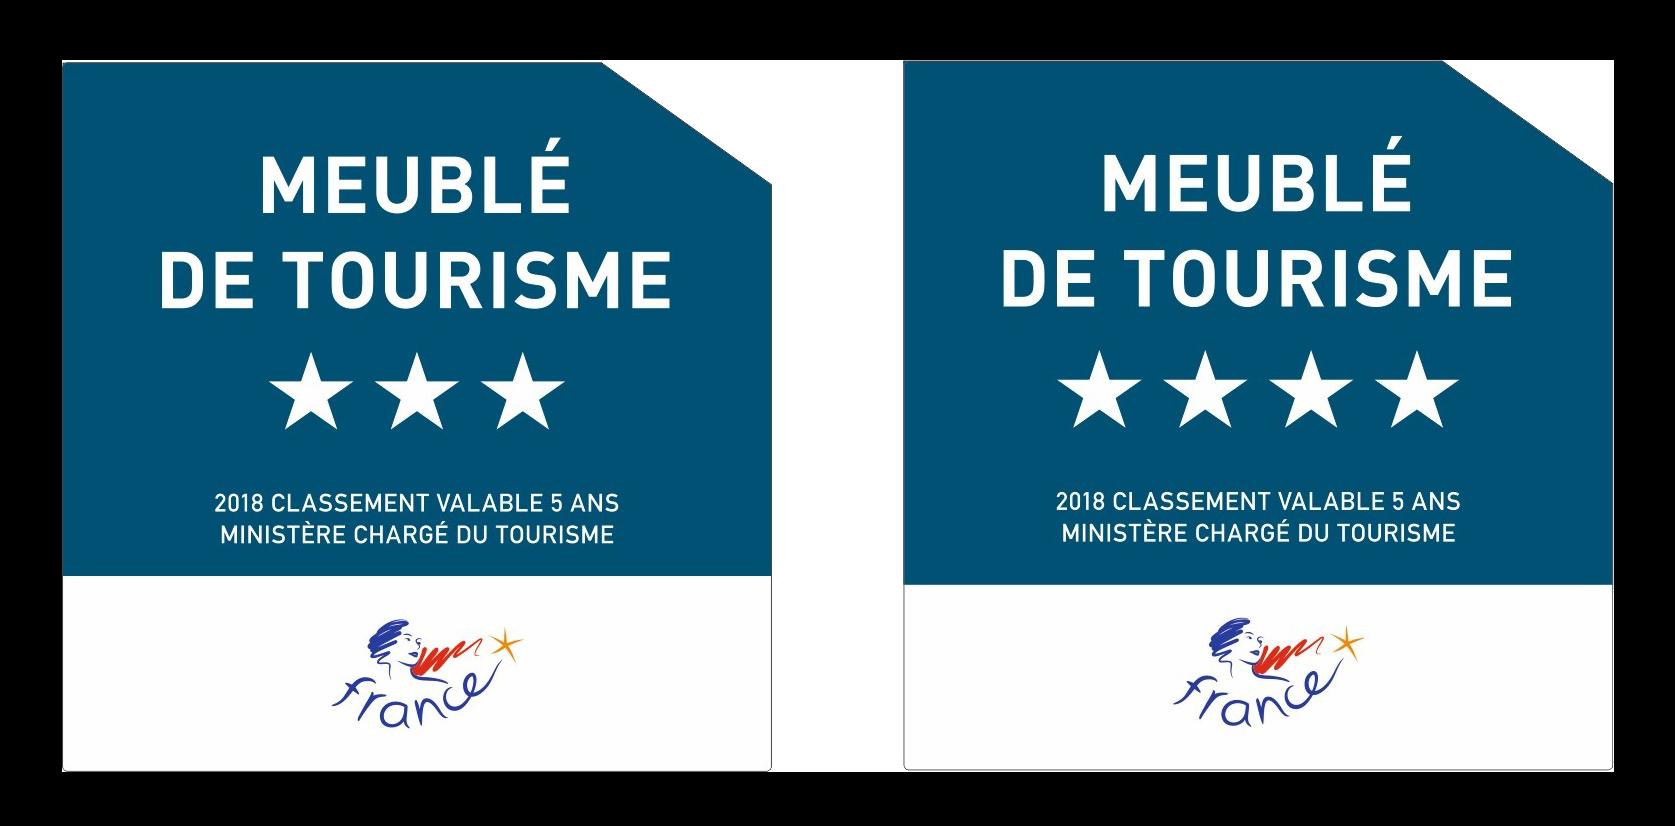 Location certifiée 3 étoiles, Meublé de tourisme